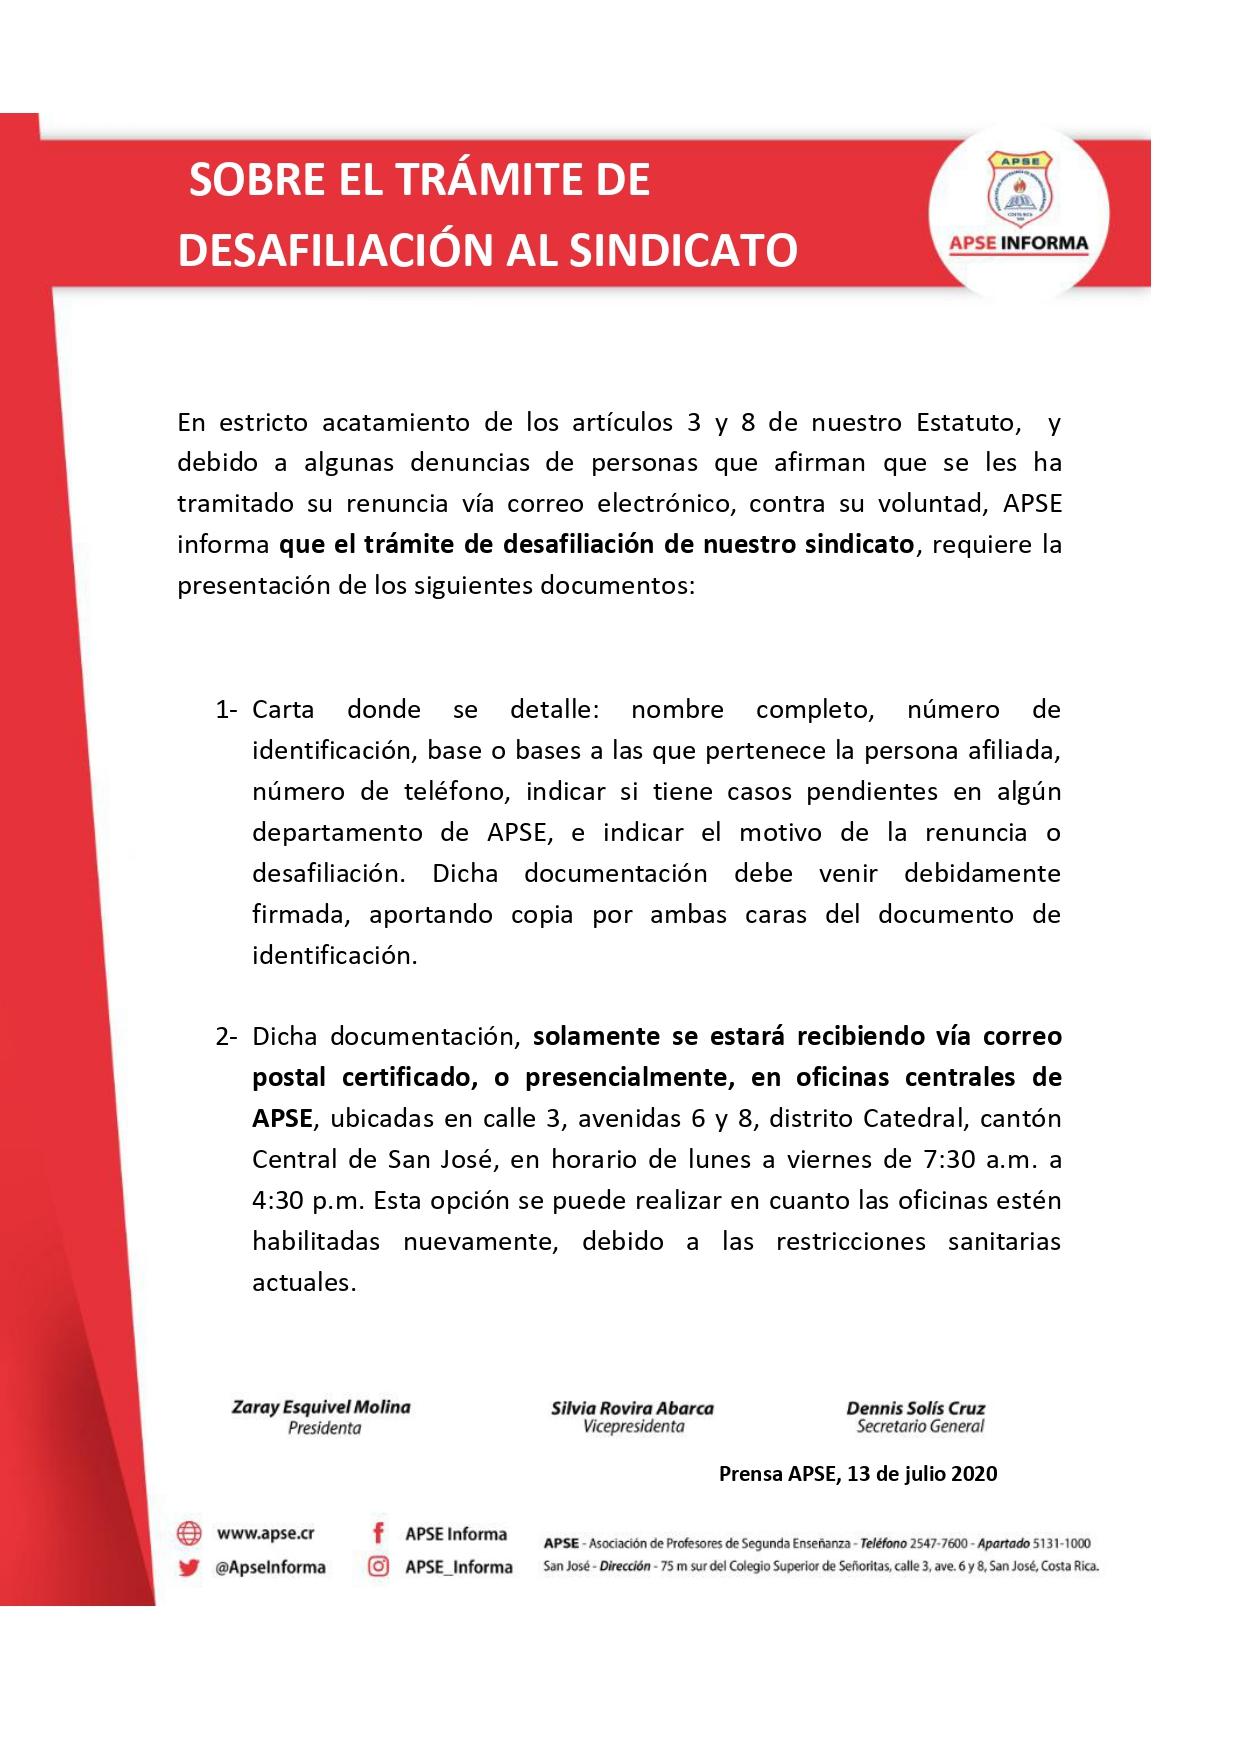 SOBRE EL TRÁMITE DE DESAFILIACIÓN AL SINDICATO